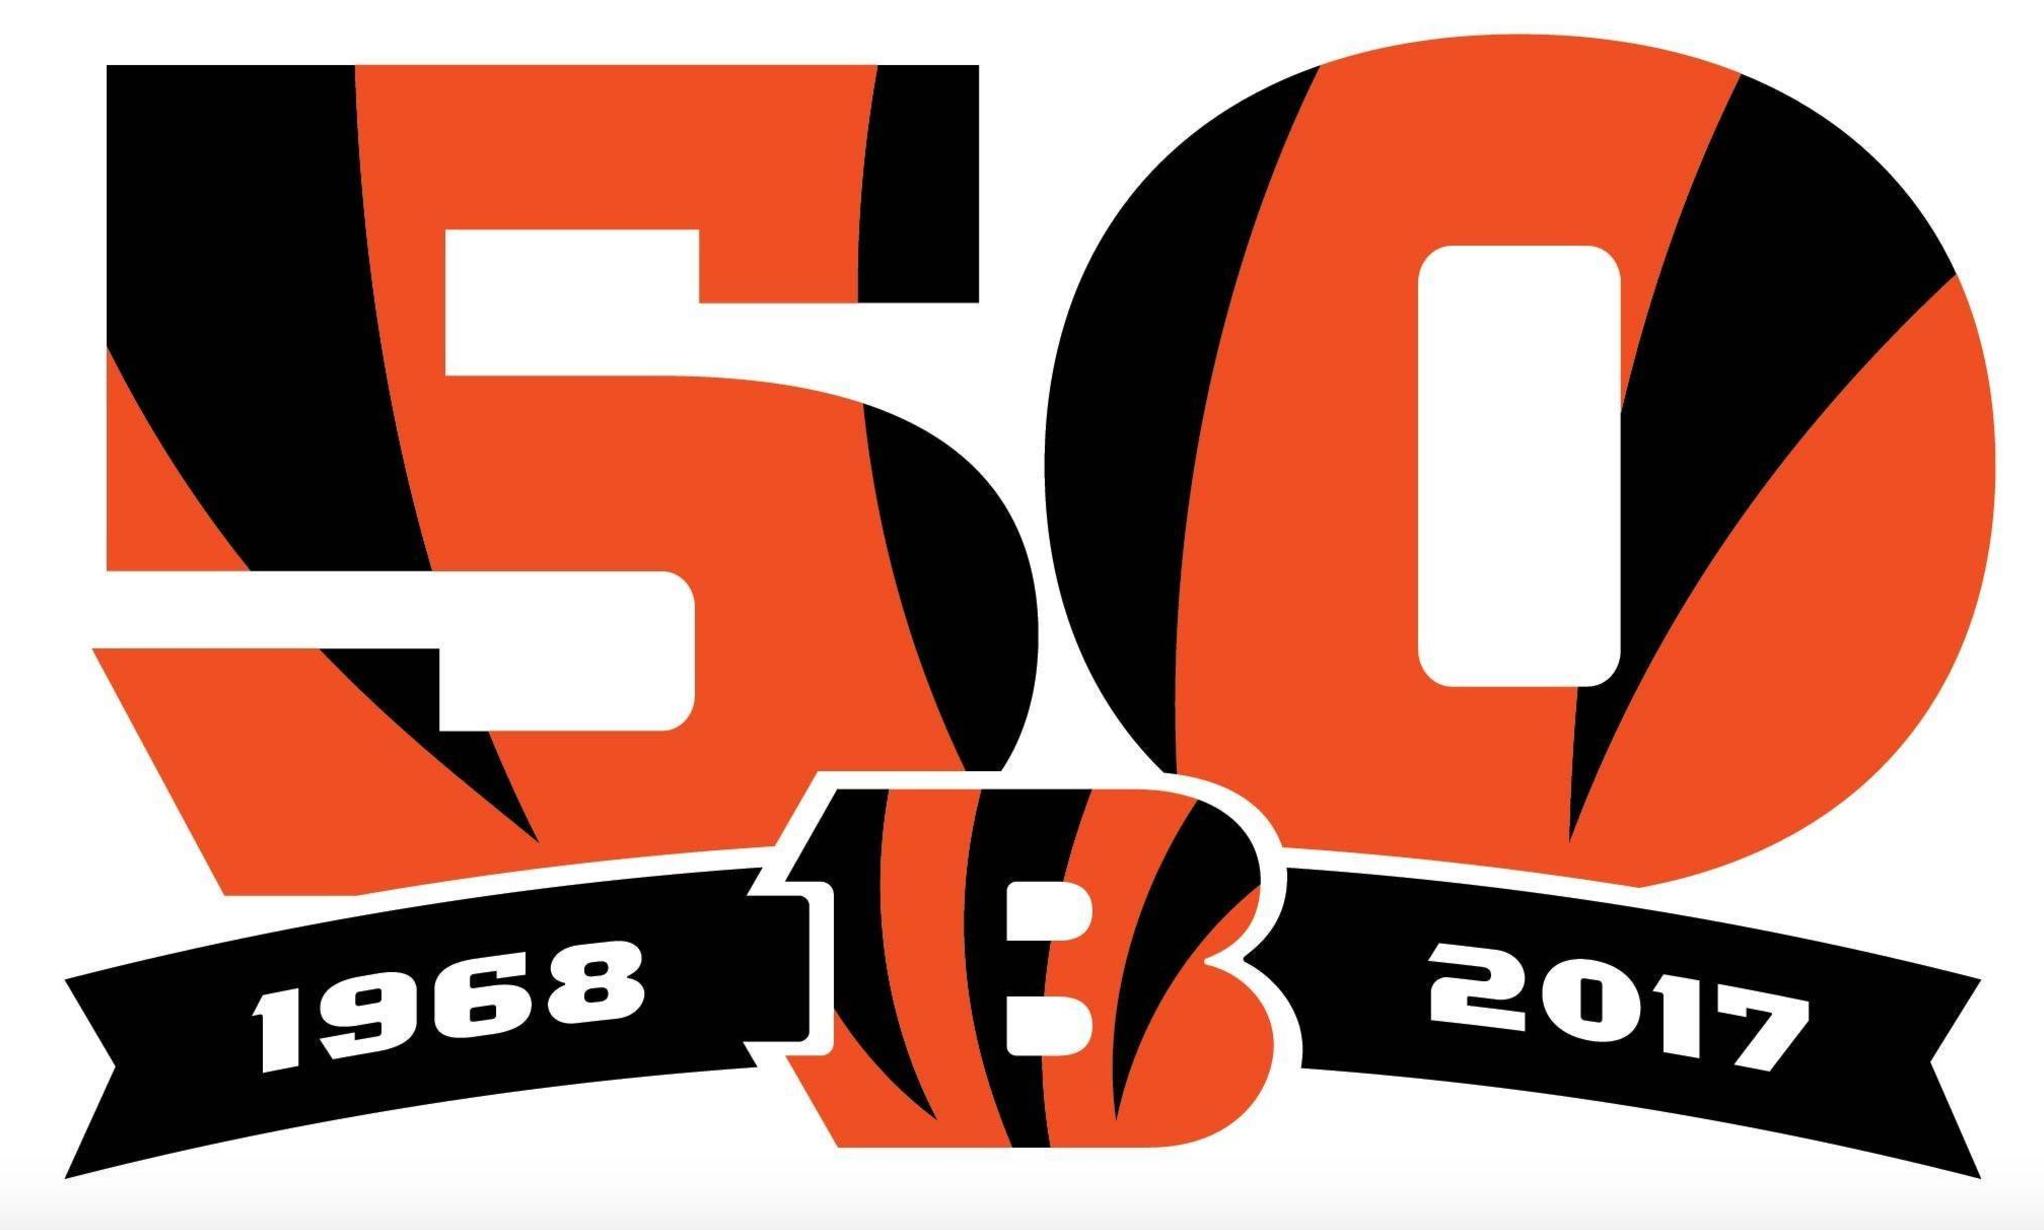 Bengals announce 50th season celebration plans - Cincy Jungle